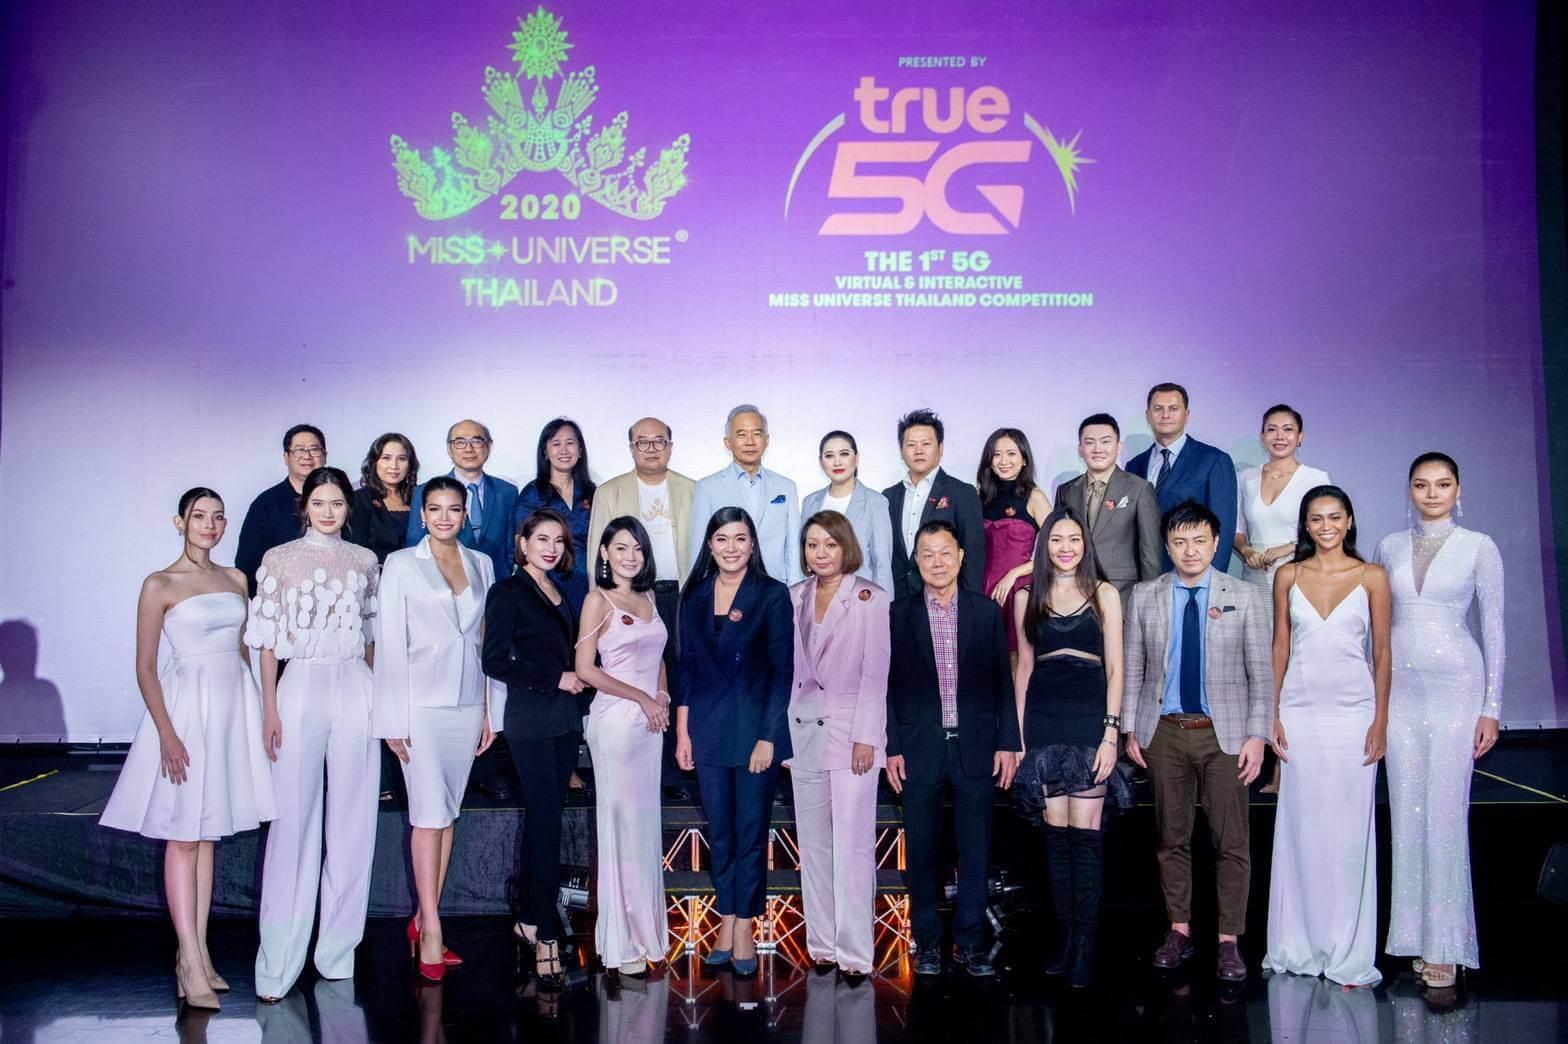 แอสเซทไวส์ ร่วมเป็นหนึ่งในผู้สนับสนุนหลักอย่างเป็นทางการของ Miss Universe Thailand 2020